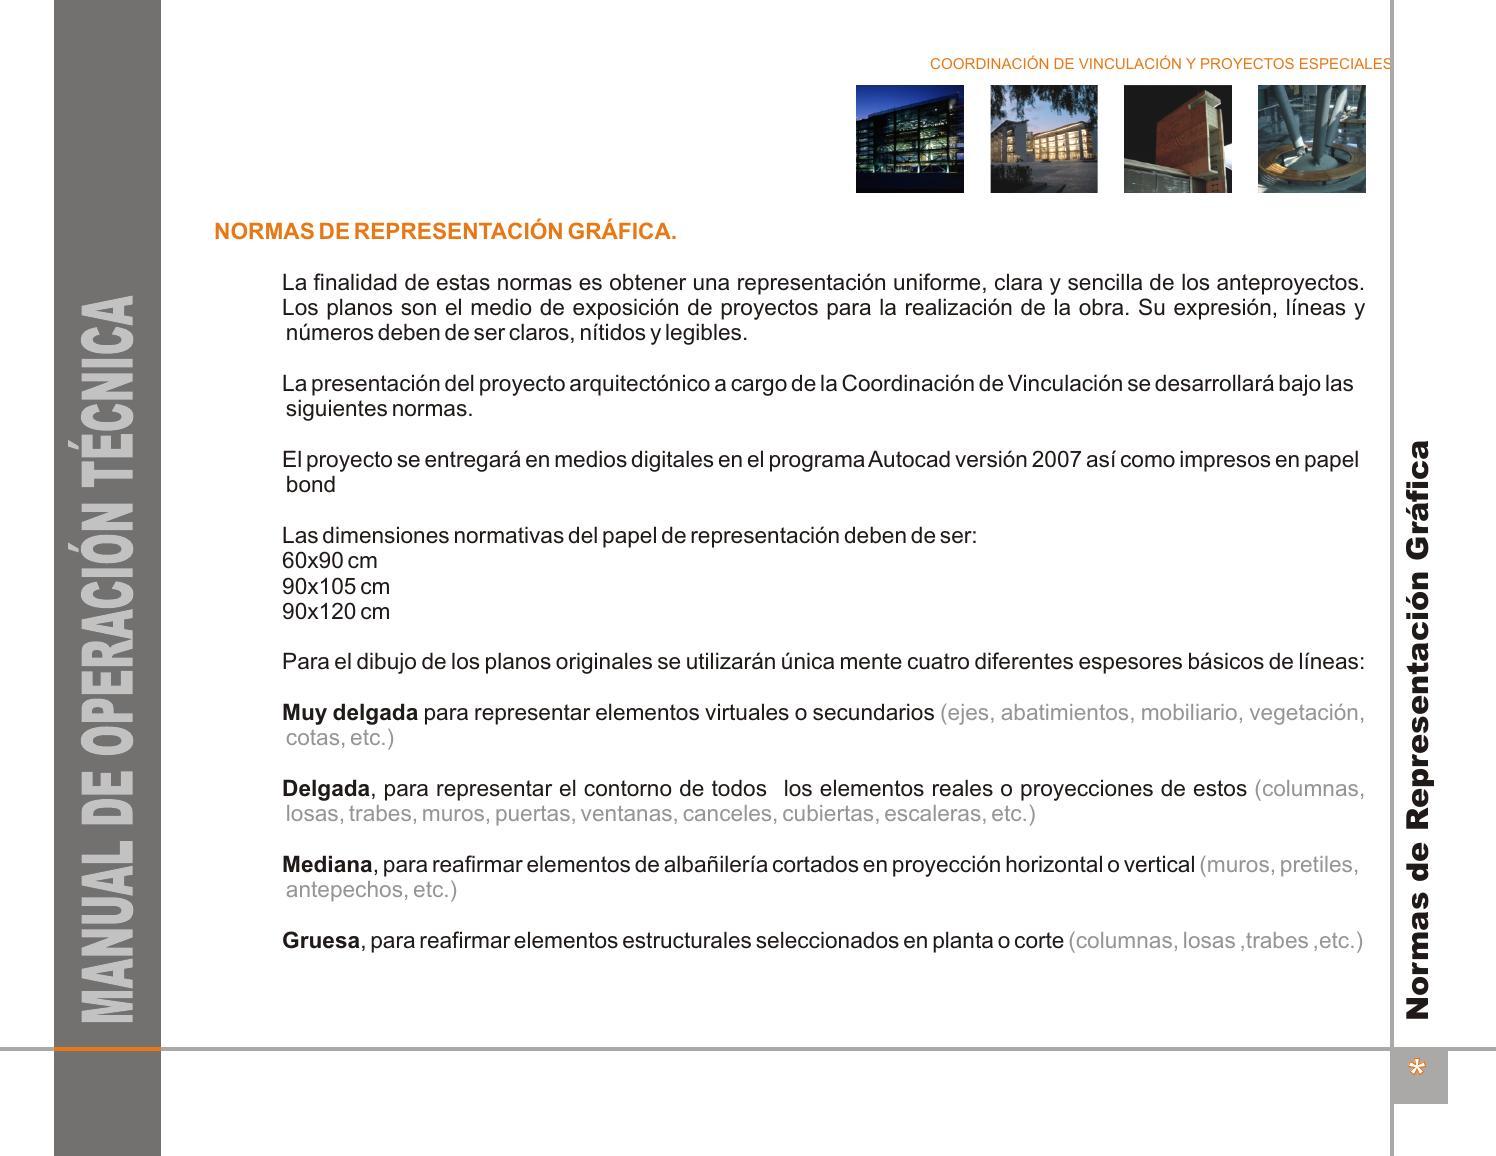 Normas de representaci n by beno hern ndez issuu for Normas para planos arquitectonicos